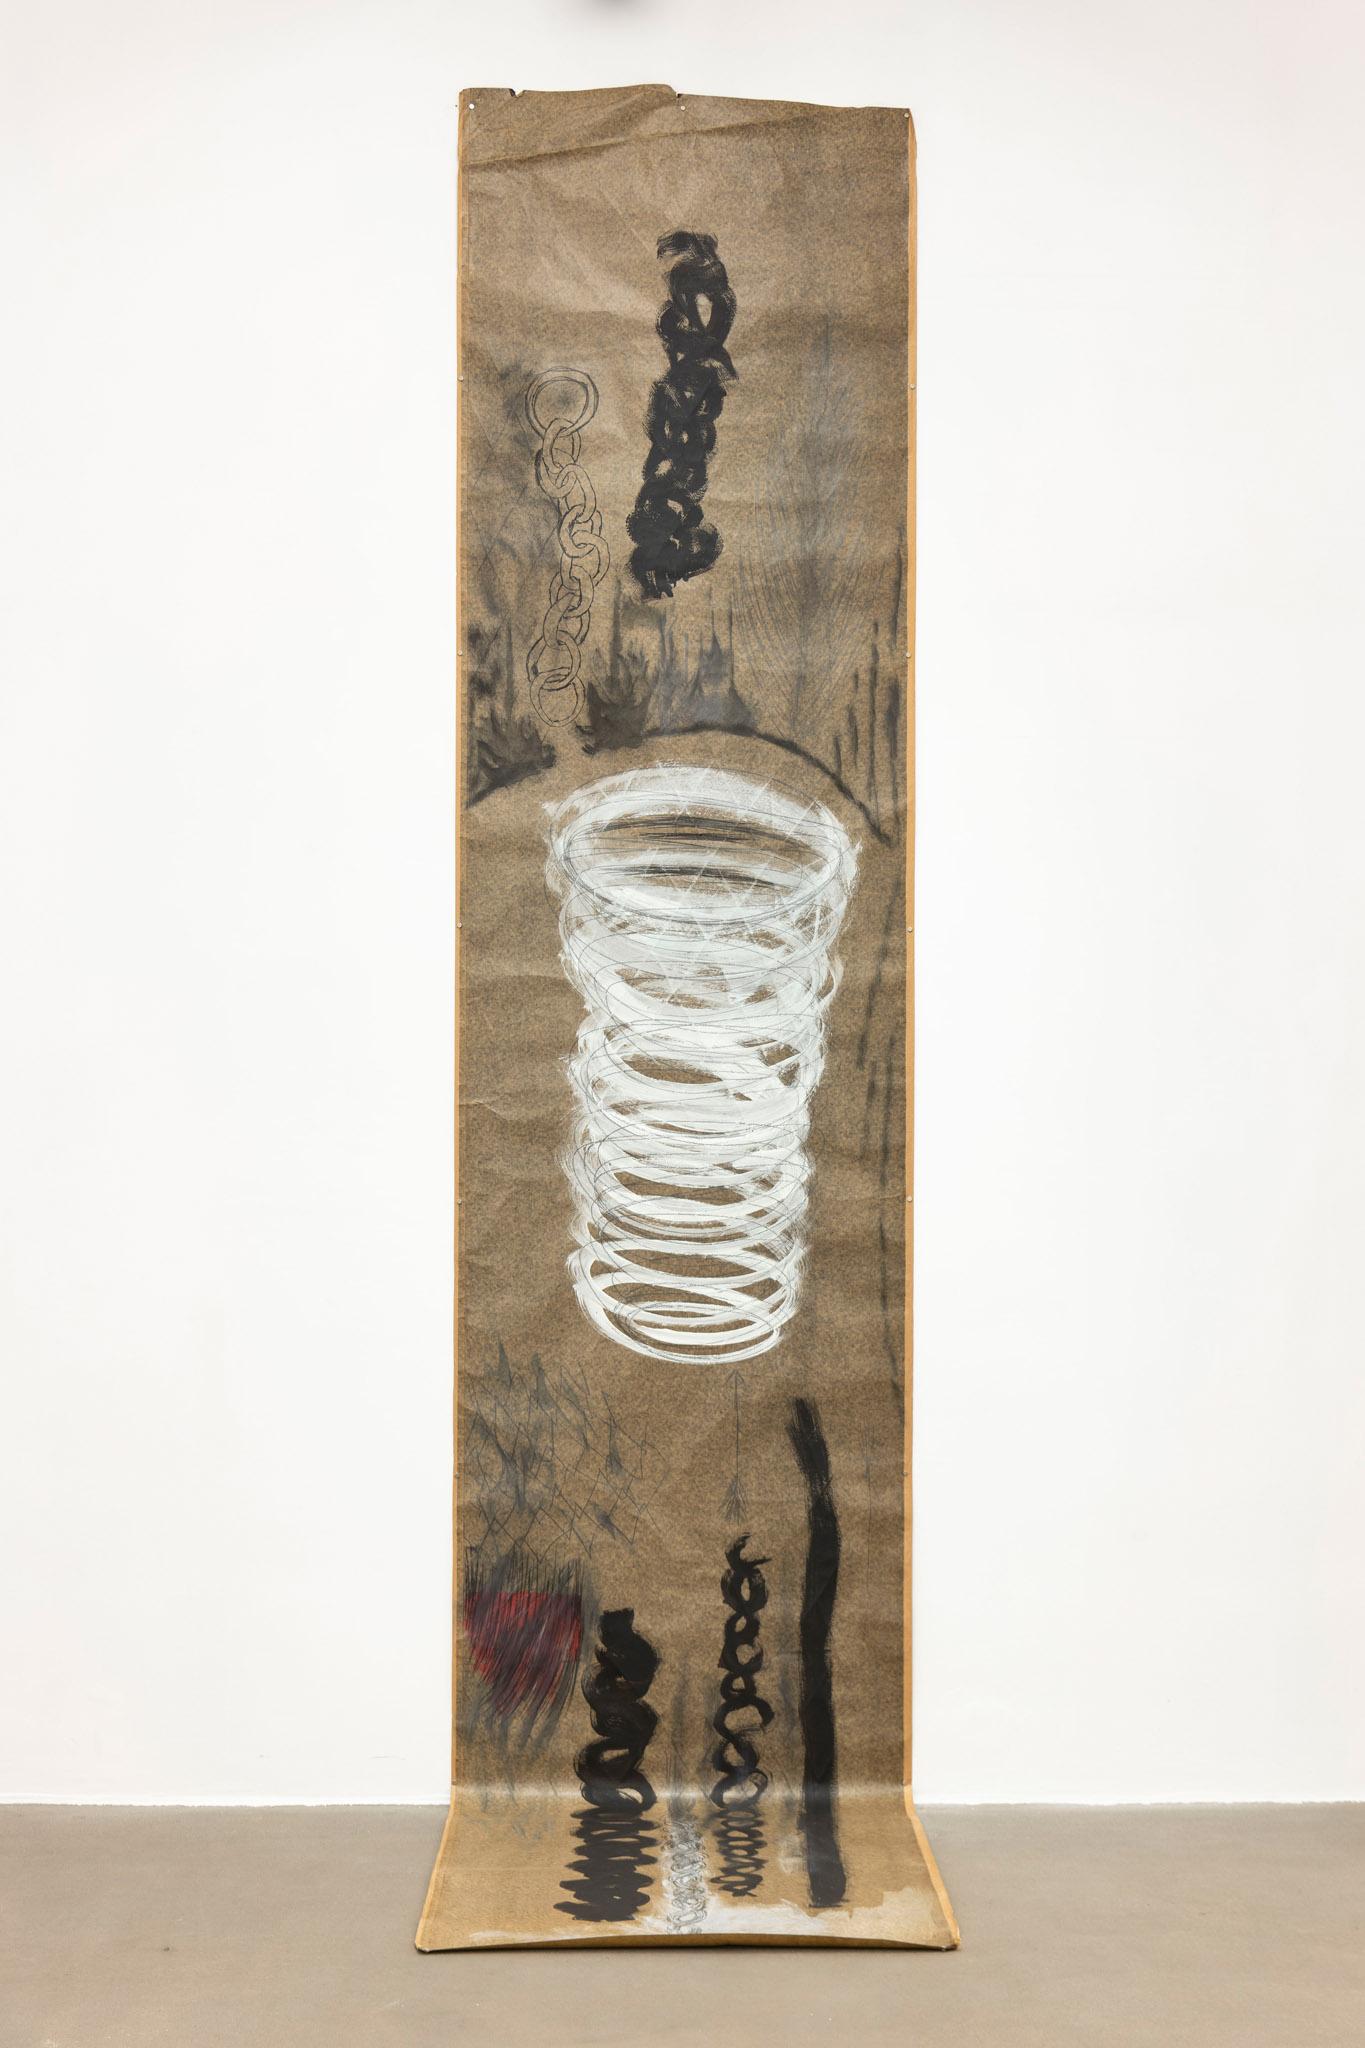 Catene e vortice, 1999 Tecnica mista su carta catramata; 336 x 101 cm;  foto: Giorgio Benni.  Courtesy l'artista e Monitor Roma, Lisbona, Pereto